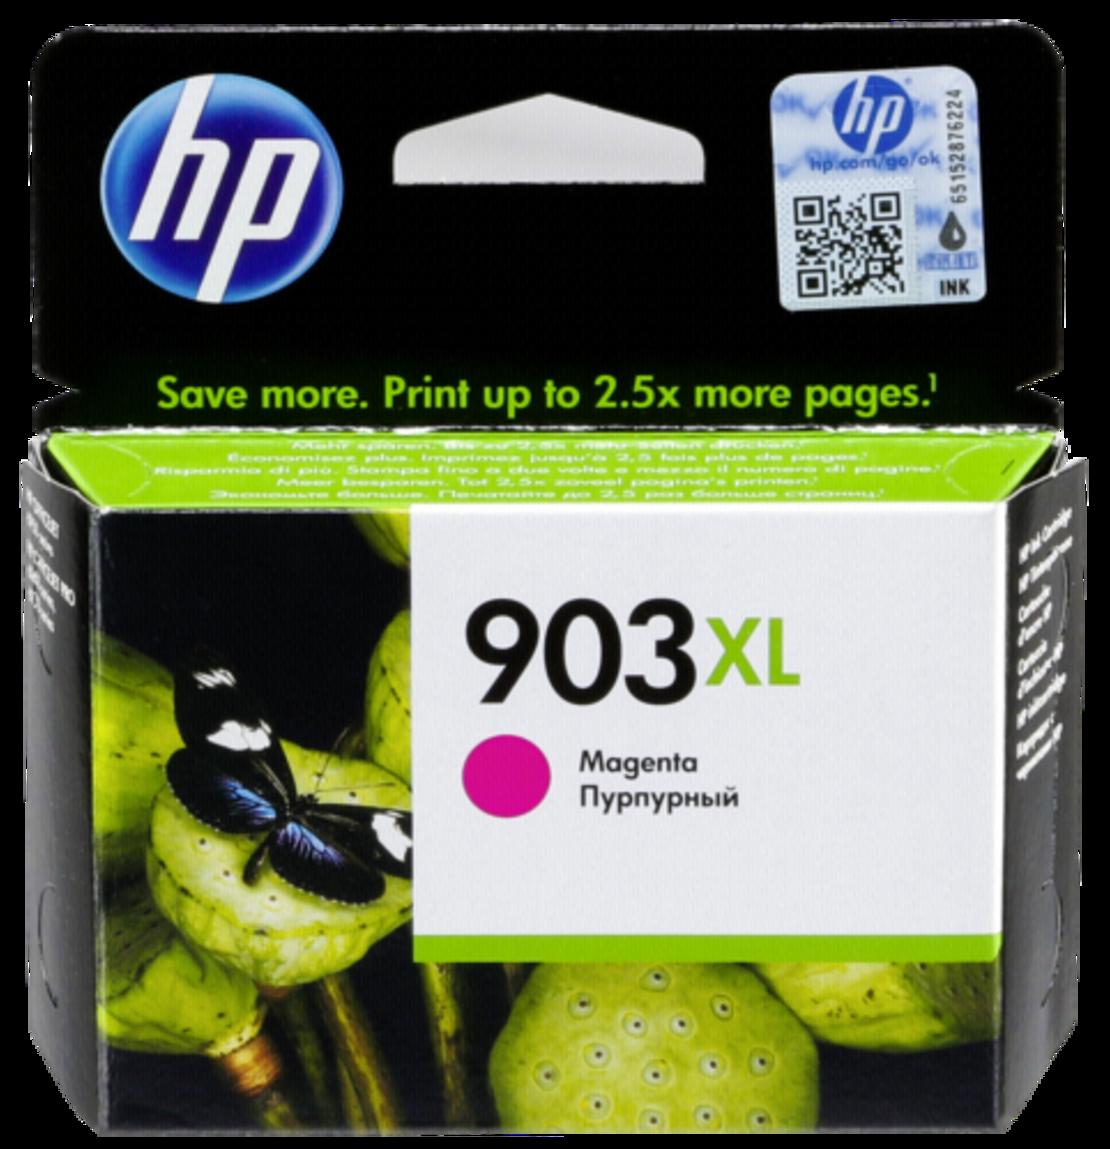 ראש דיו אדום מקורי HP 903XL